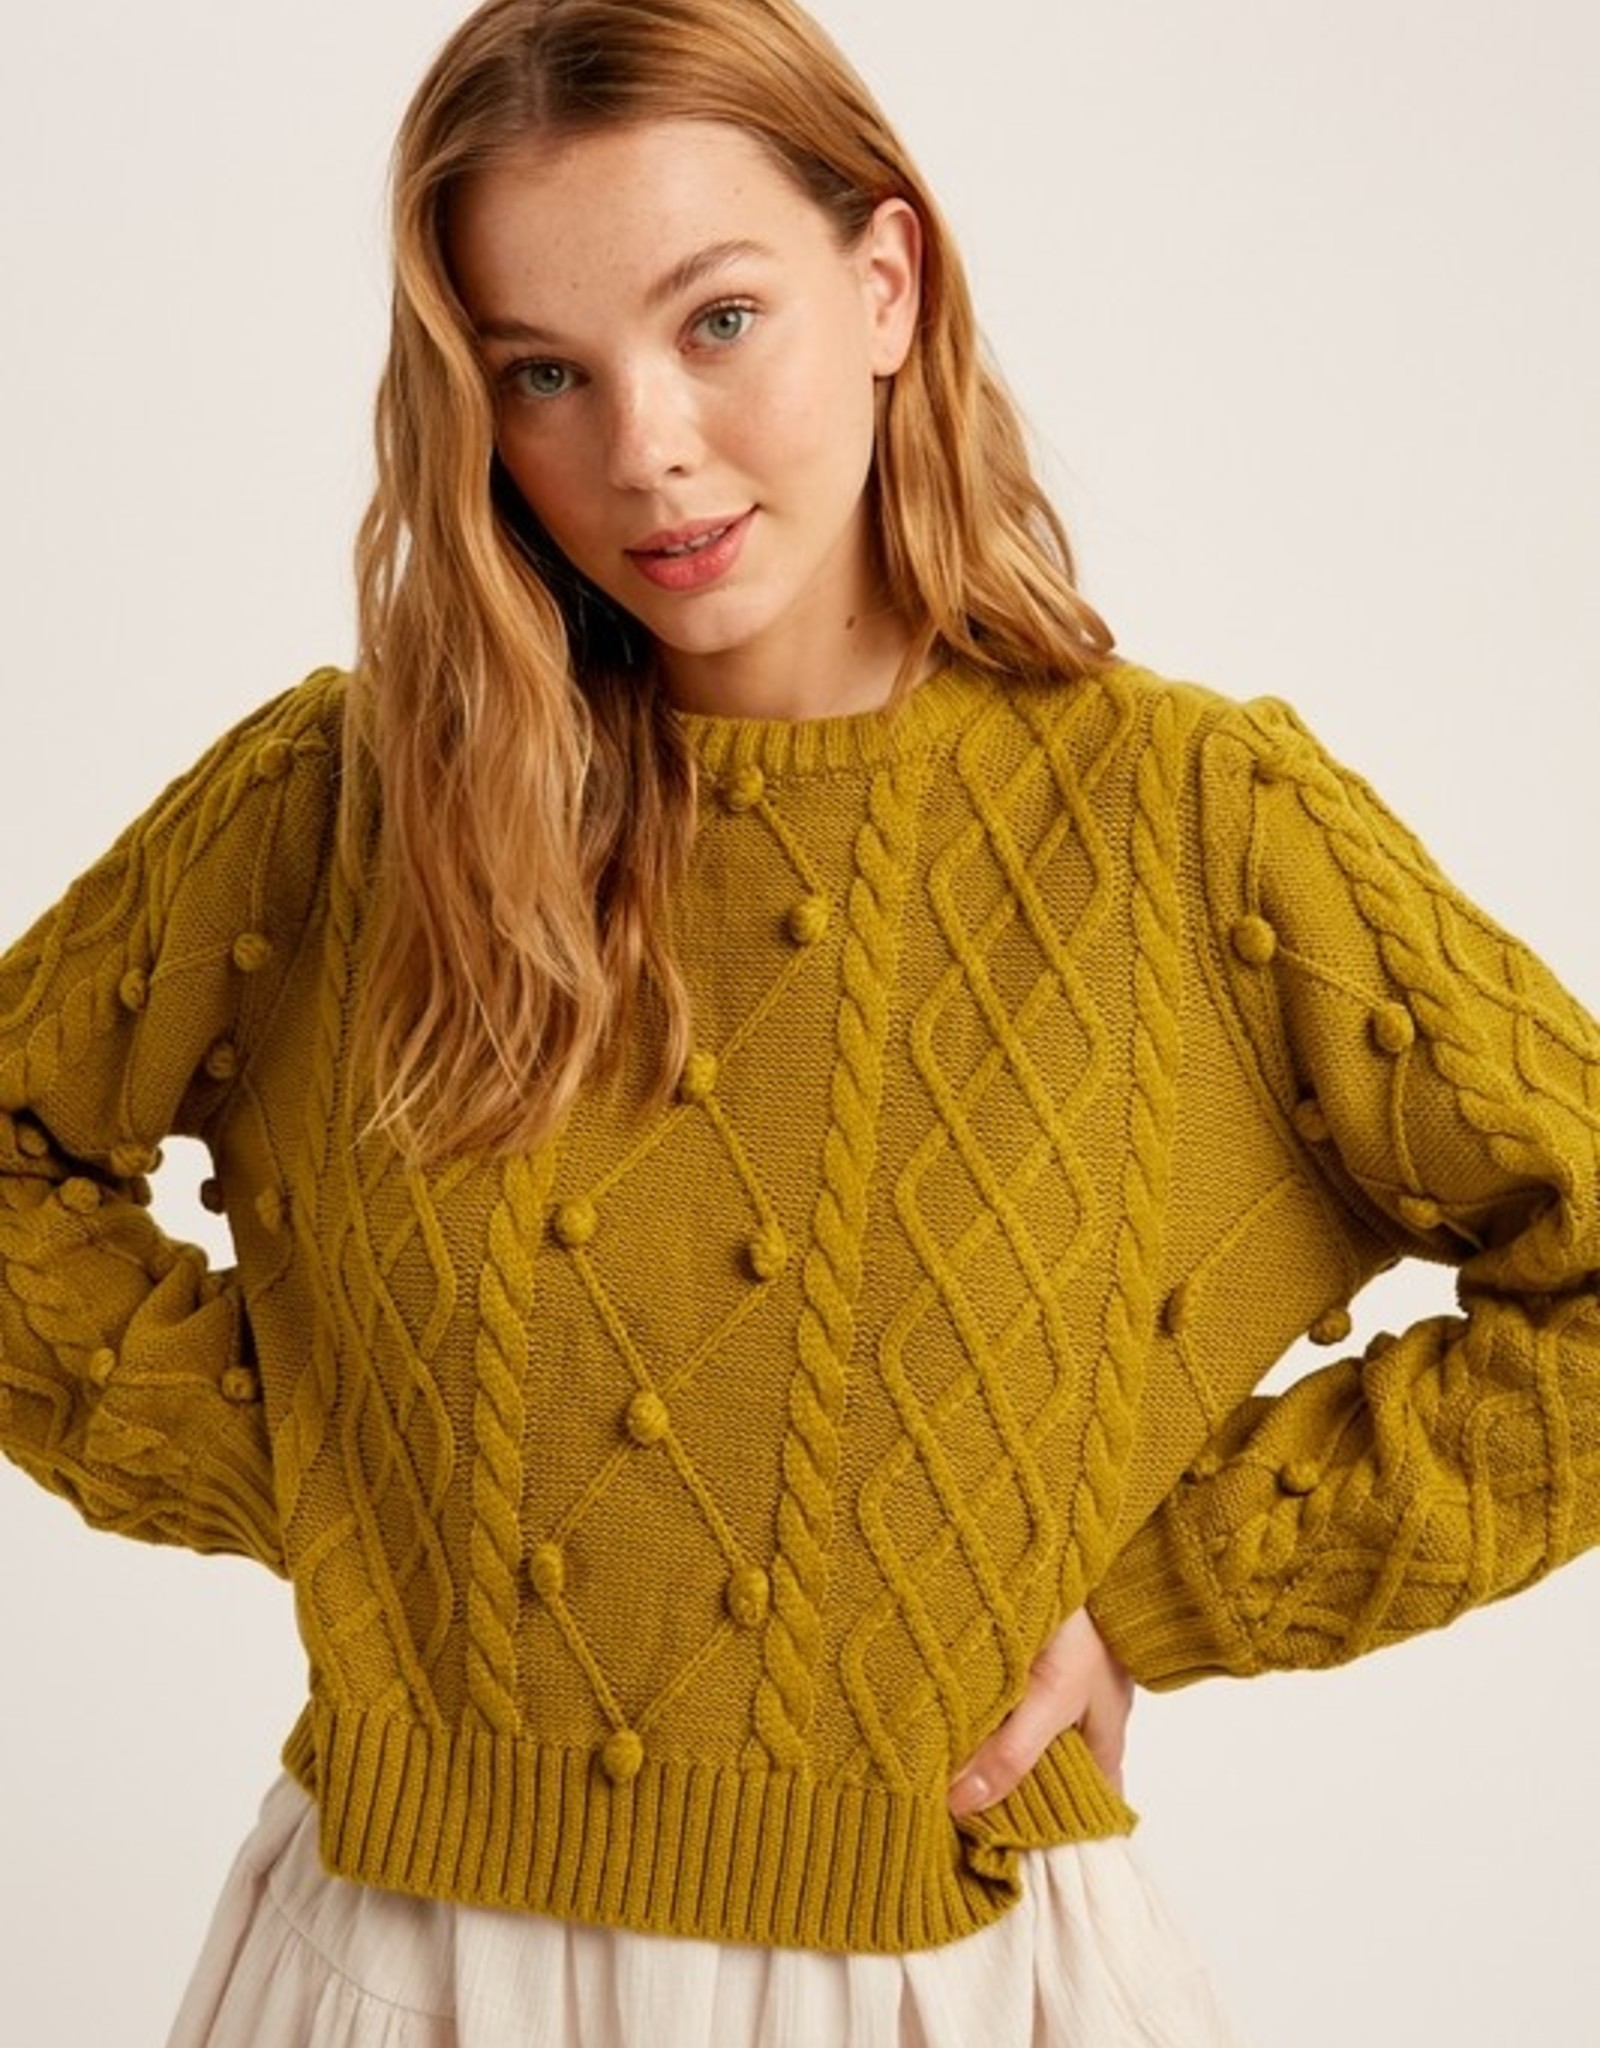 HUSH ZOEY sweater